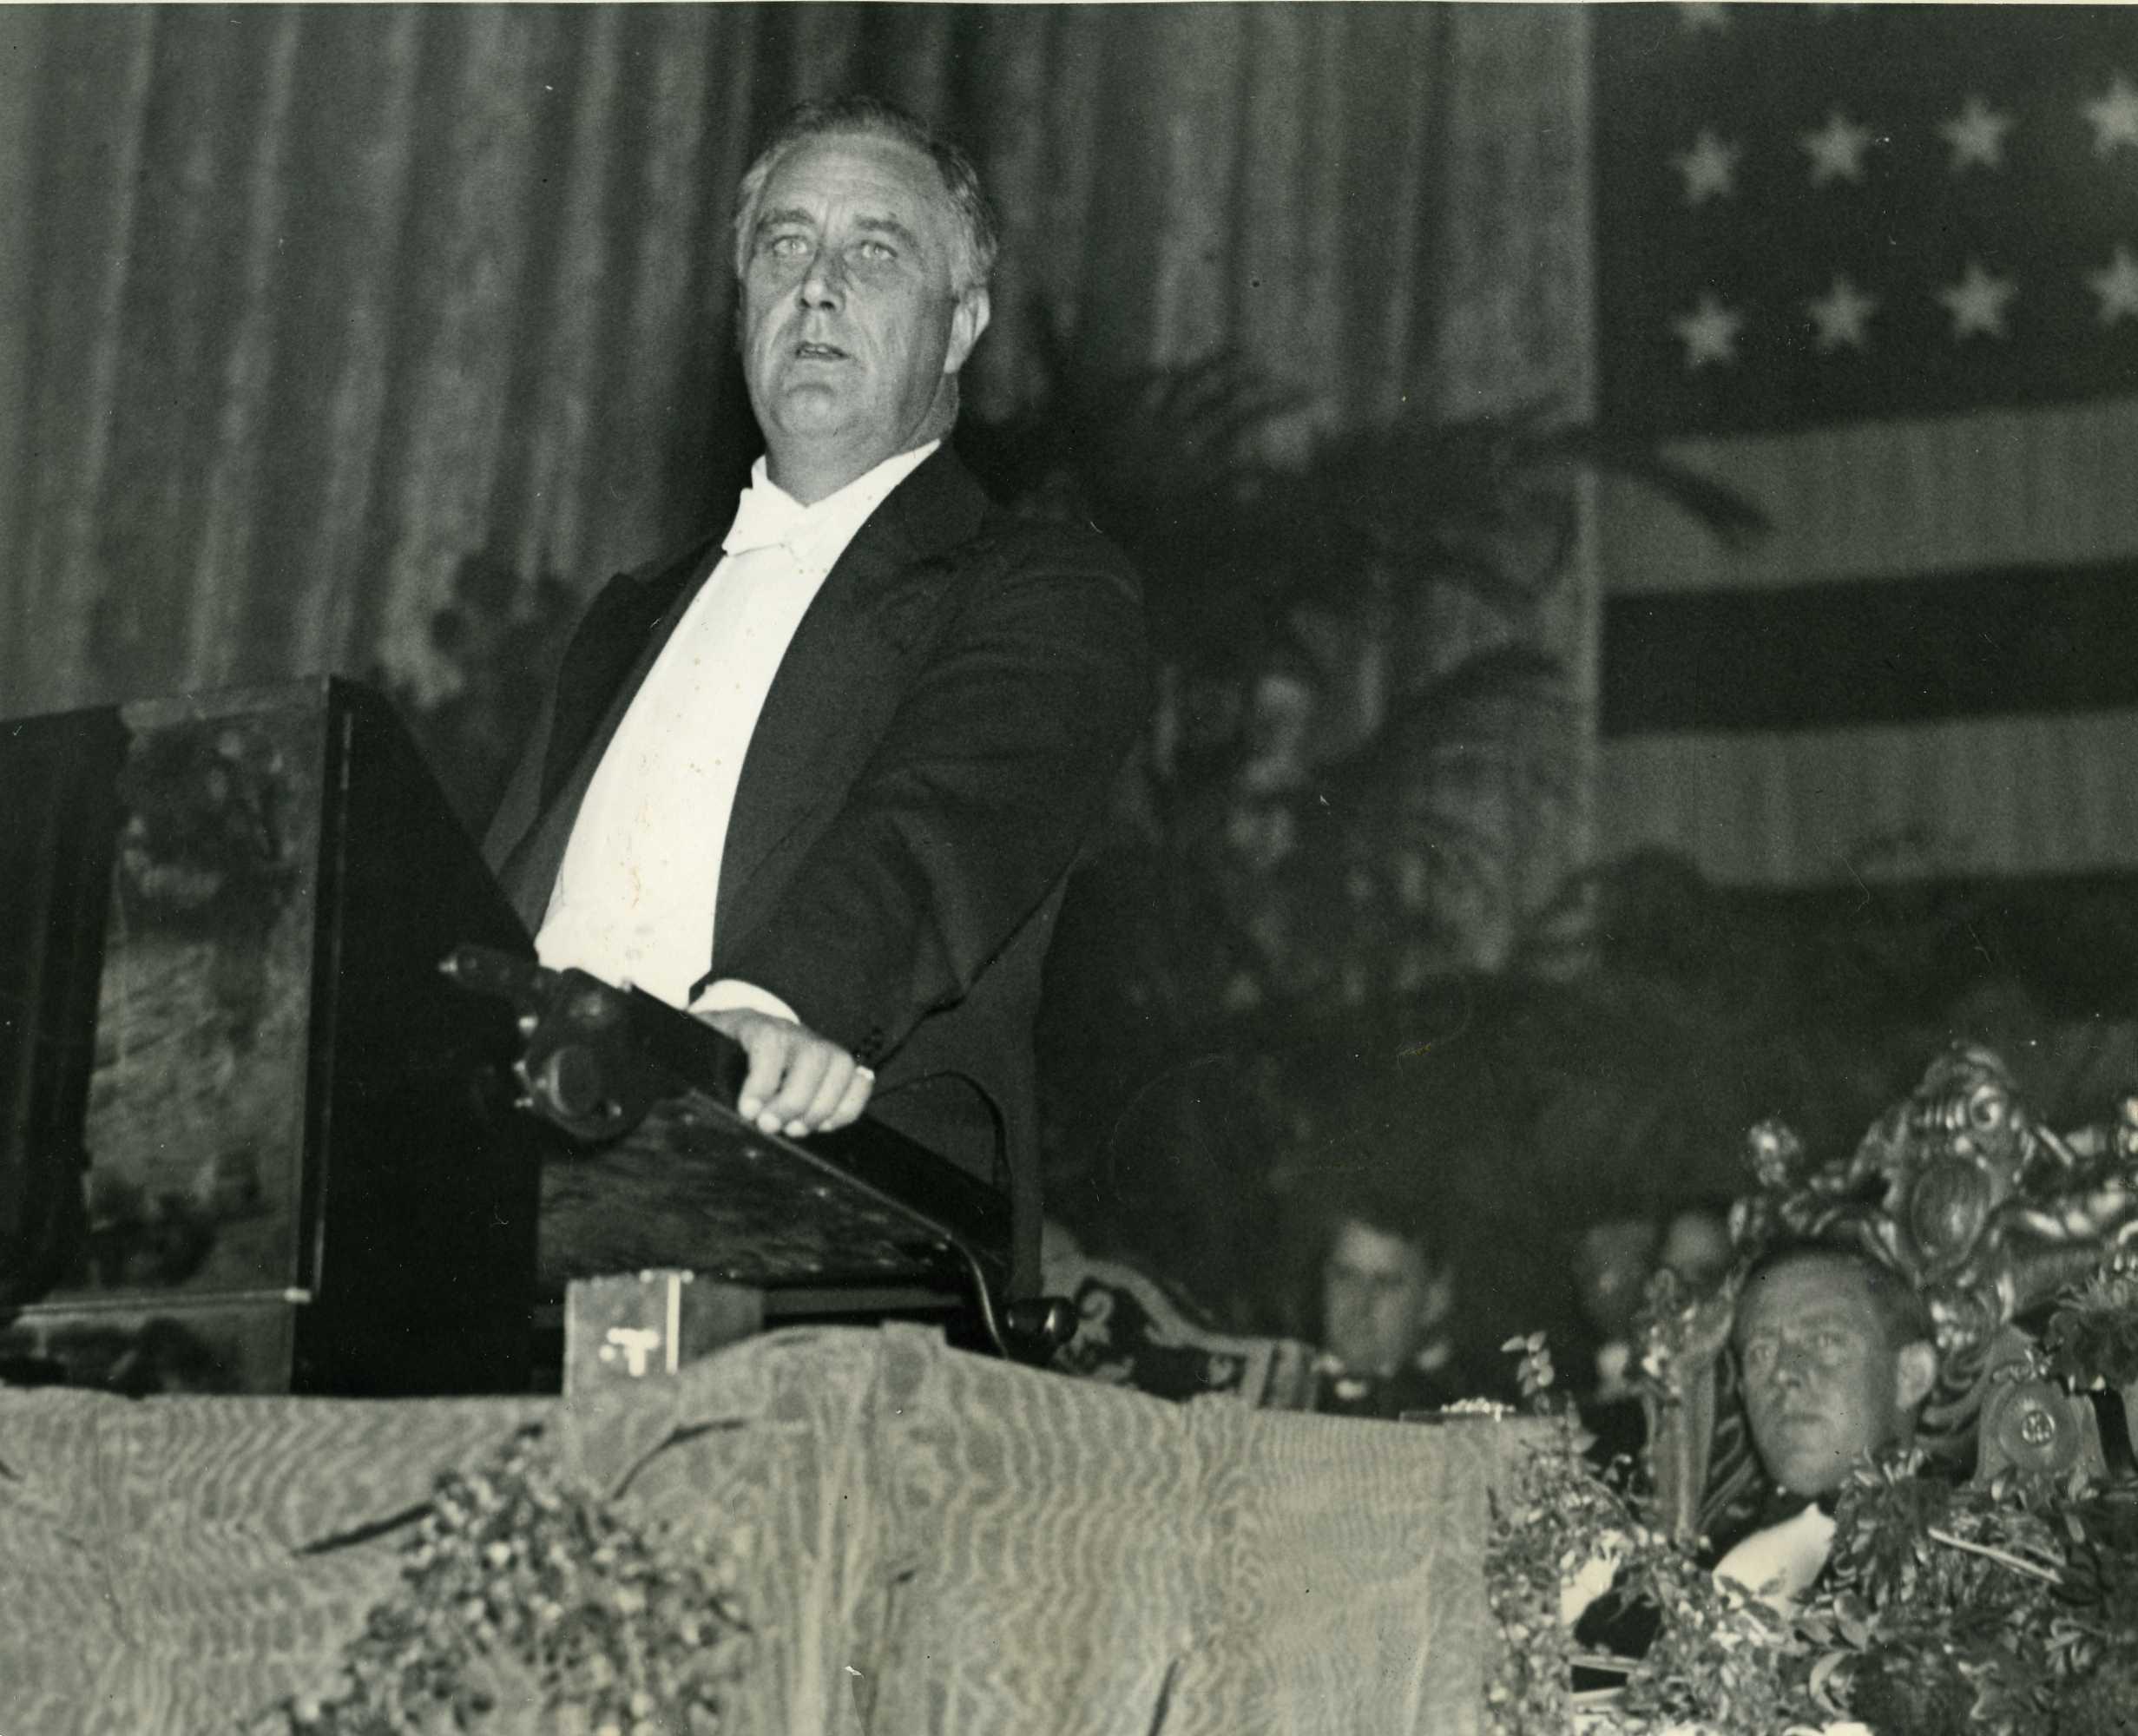 fdr giving a speech - photo #23